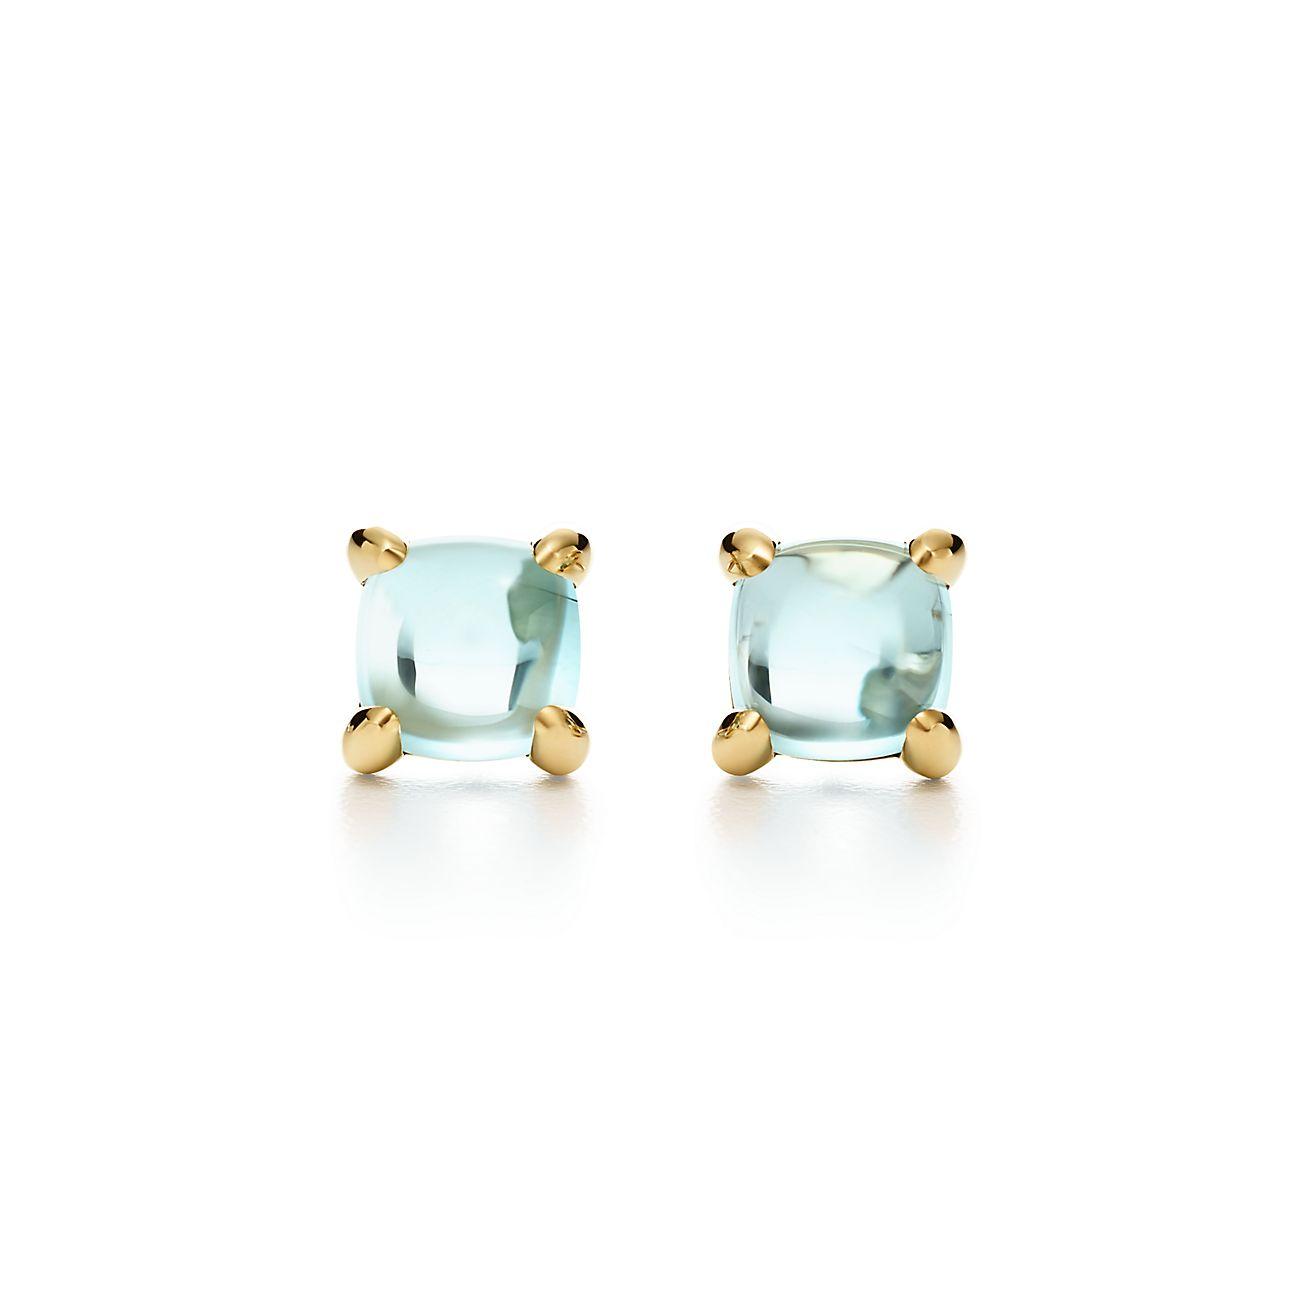 El Azúcar Se Acumula Palomas Pendientes En Oro De 18 Quilates Con Topacio Azul Tiffany & Co. ul2oZ